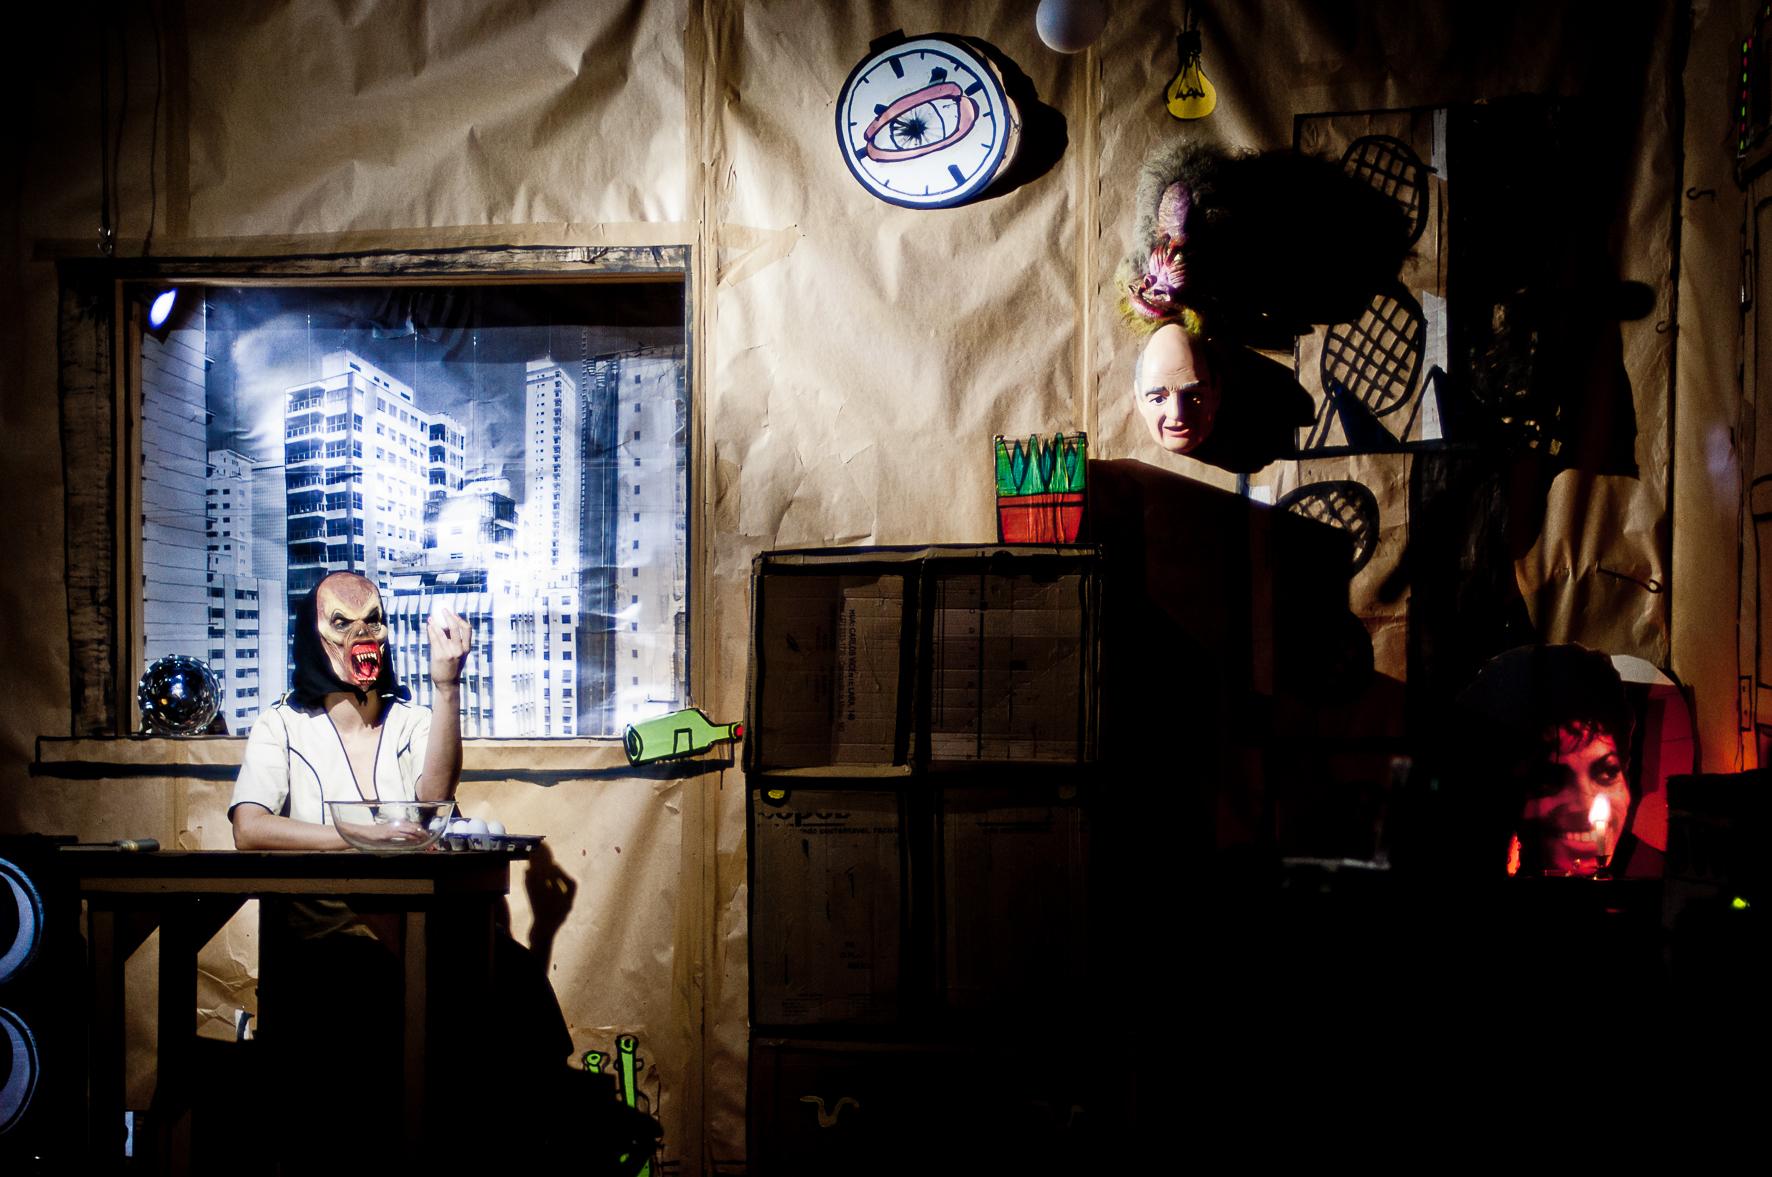 """Idealizado pela atriz Mariana Senne, """"Madame B - Fita Demo"""" é inspirado na obra """"Madame Bovary"""", de Gustave Flaubert. Direção de Cibele Forjaz. / São Paulo, SP"""